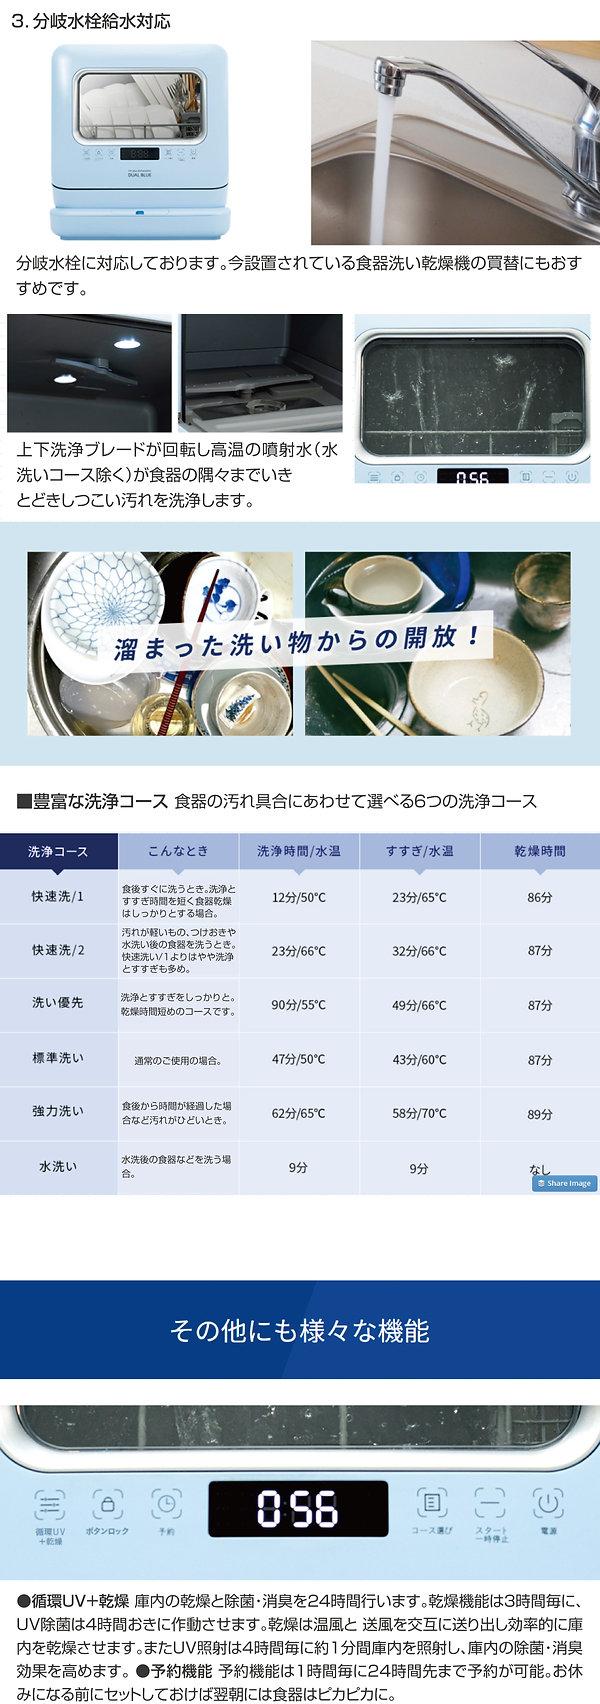 1021食洗器LP_2(1200px×3840px)3.jpg